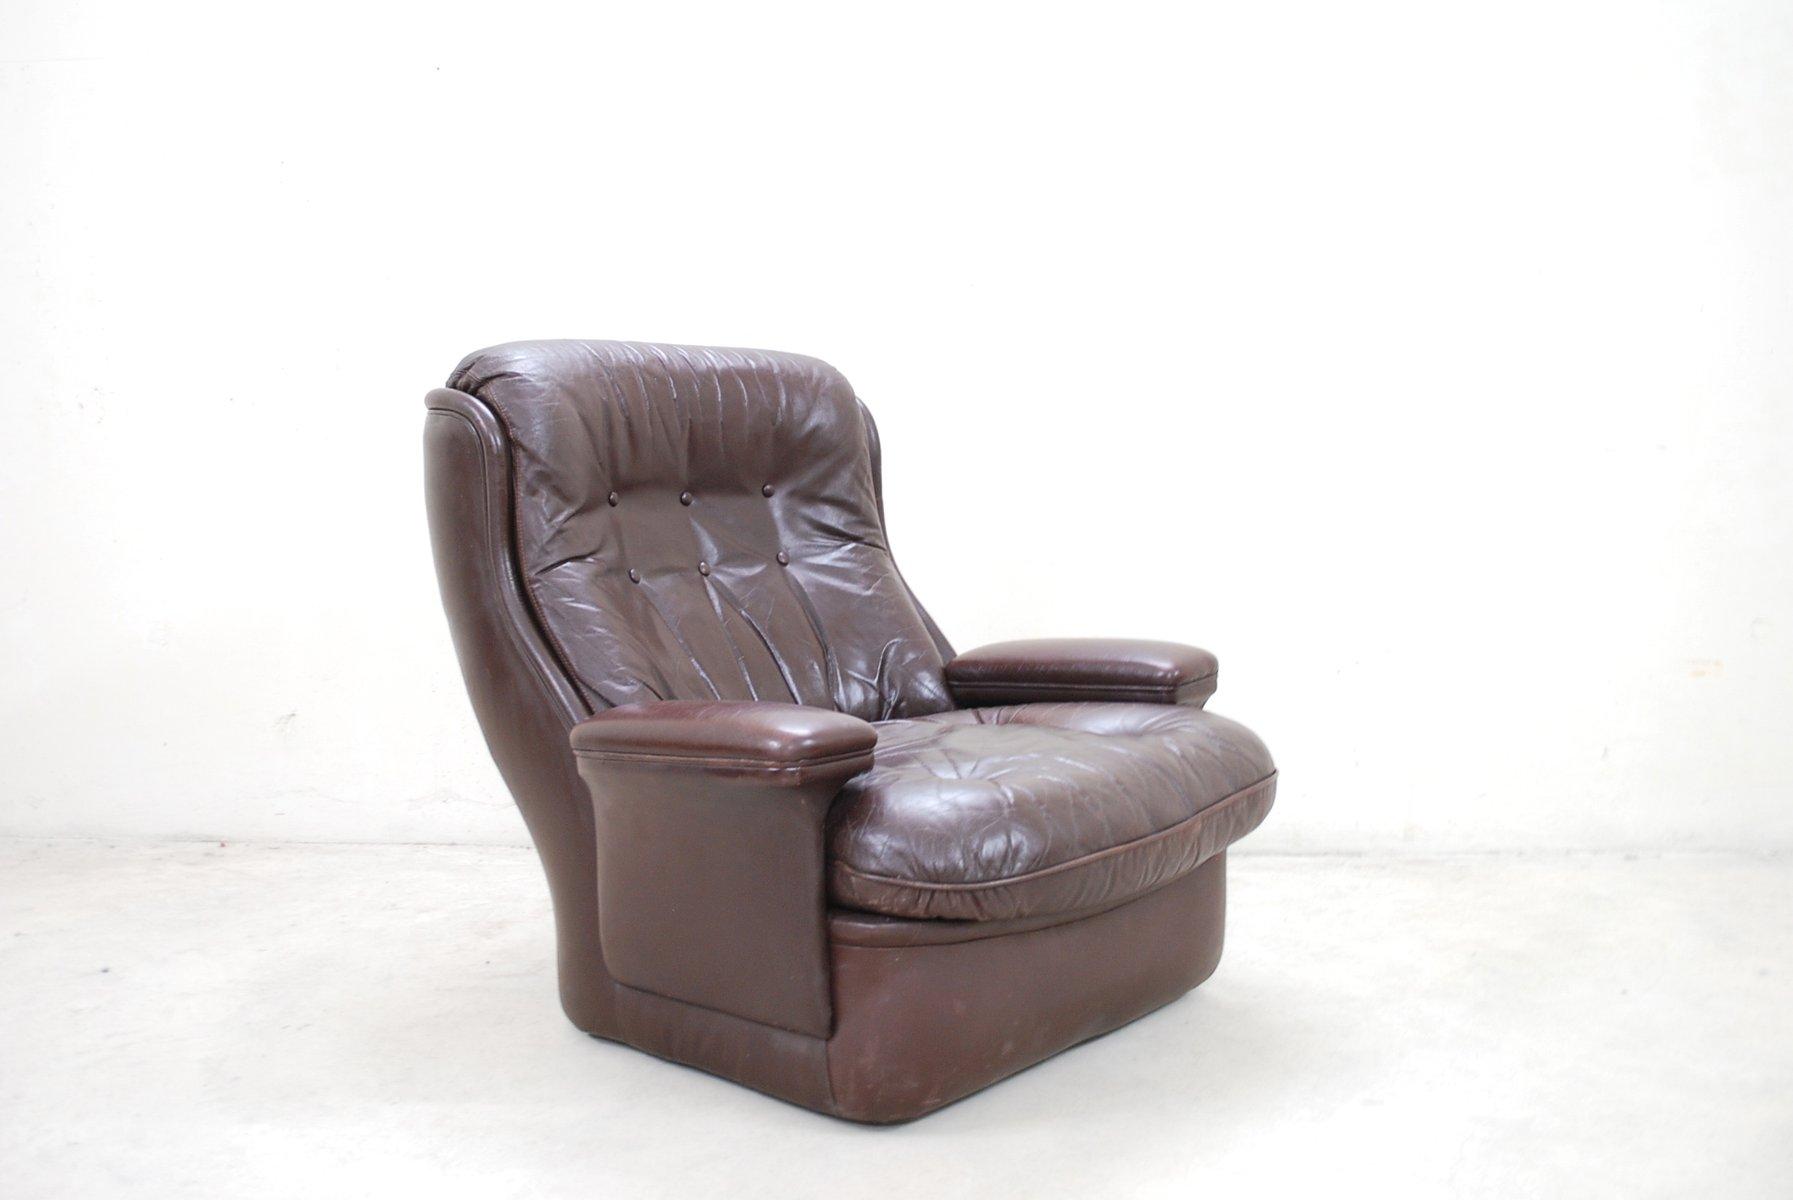 Brauner vintage leder lounge stuhl und ottoman von terstappen bei pamono kaufen - Vintage stuhl leder ...